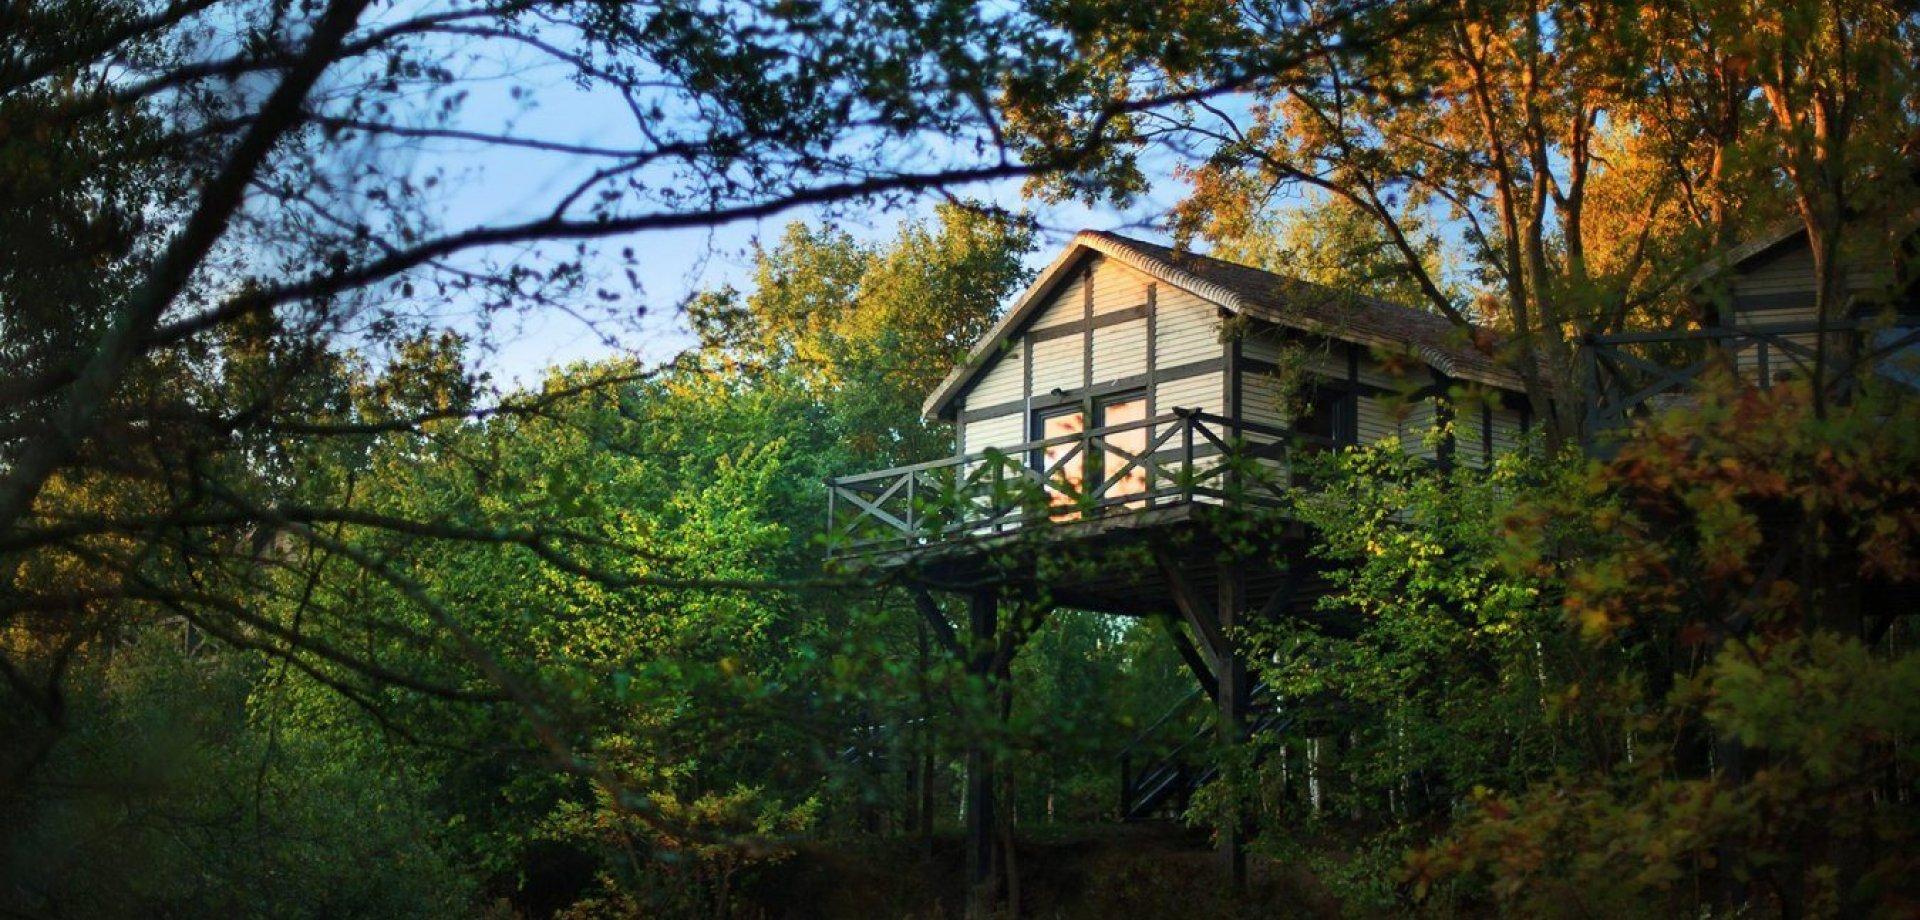 Poczuj magię lasu – zamieszkaj w domku na drzewie